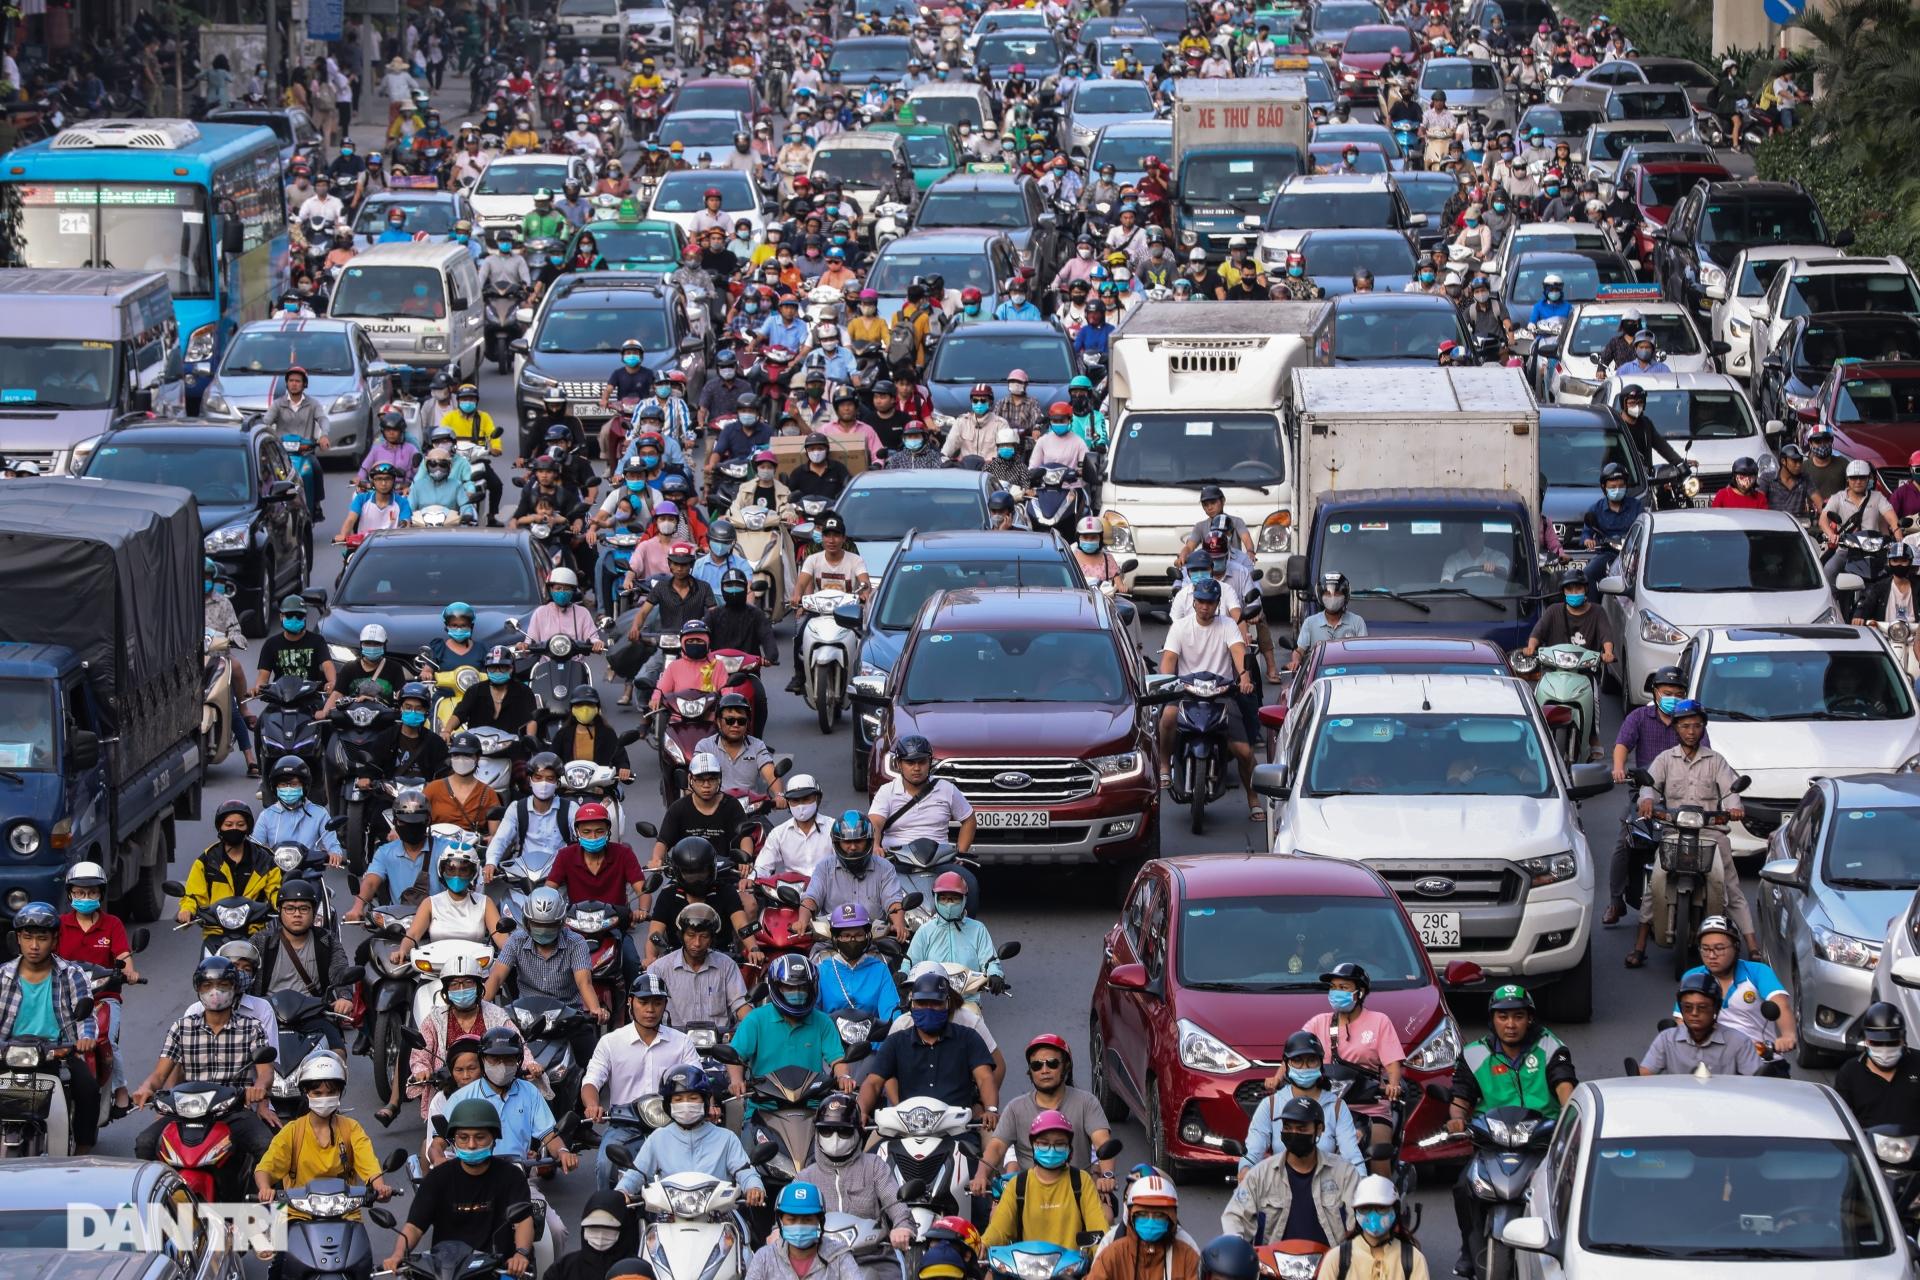 Đường phố Hà Nội ùn tắc nghiêm trọng trong sáng đầu tuần âm u